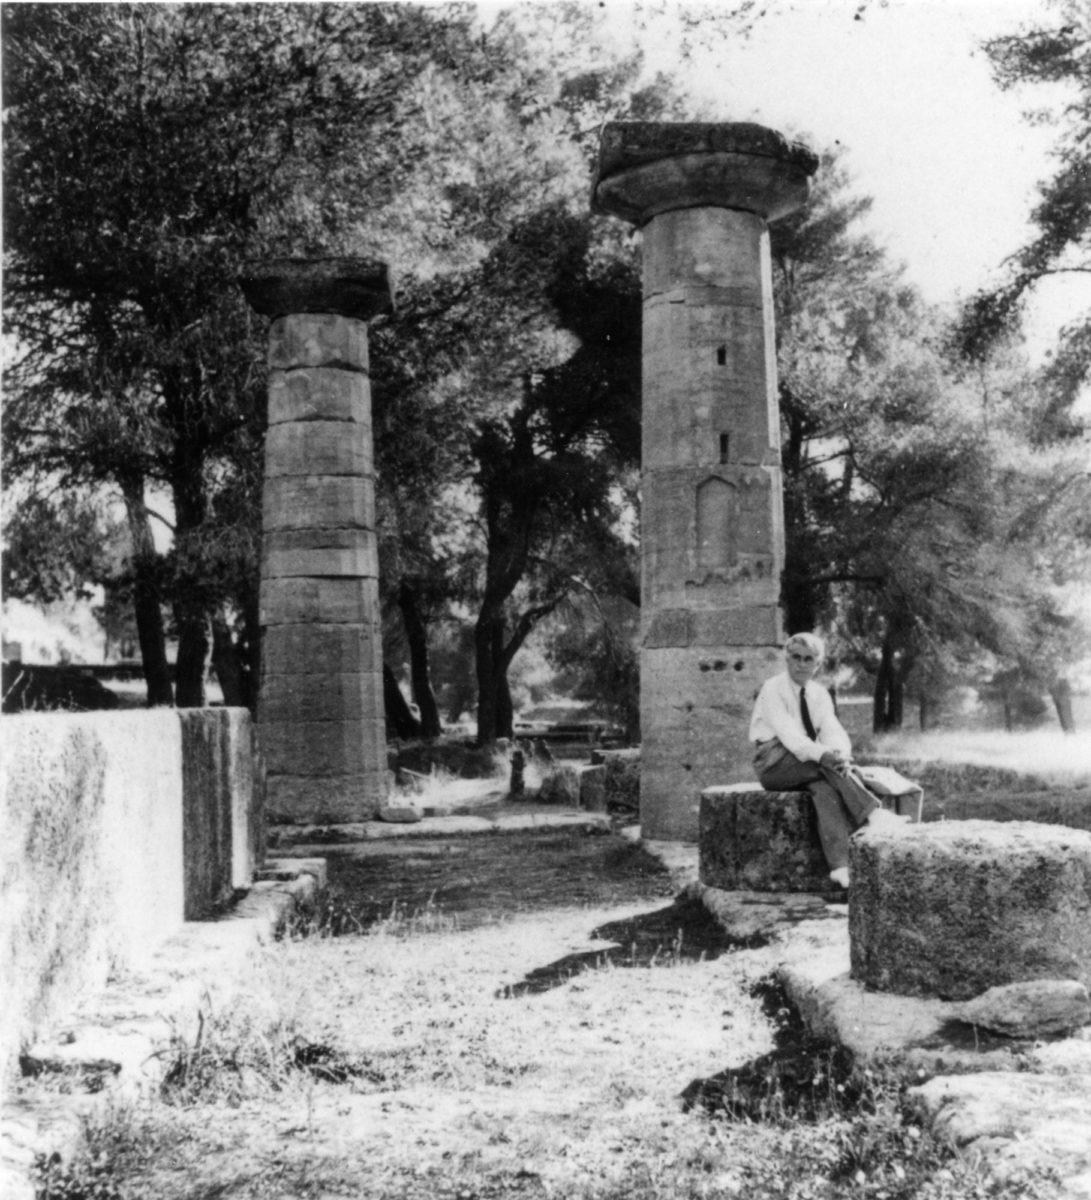 Ο Christian Zervos στην Αρχαία Ολυμπία το 1933. Φωτογραφία αγνώστου. Ευγενική παραχώρηση Christian Derouet, Musée Zervos, Vézelay.